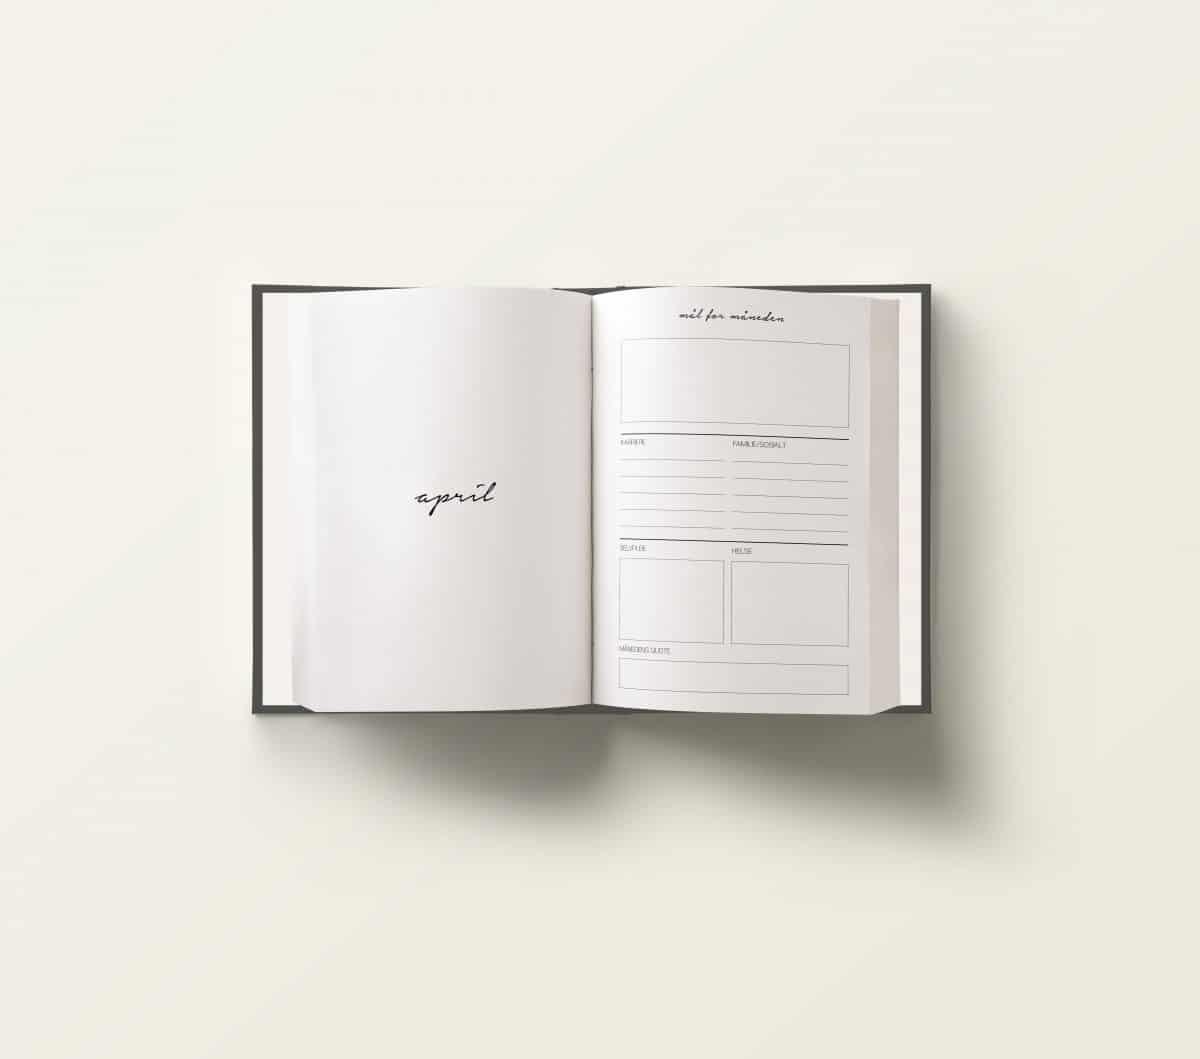 Vår planlegger for 2020er designet for å gi deg oversikt over alle gjøremål, planer og mål du har satt deg: jobb/studier | reise og livsstil| økonomi| trening og selvpleie. Perfekt størrelse slik at du enkelt kan ta den med deg i vesken!